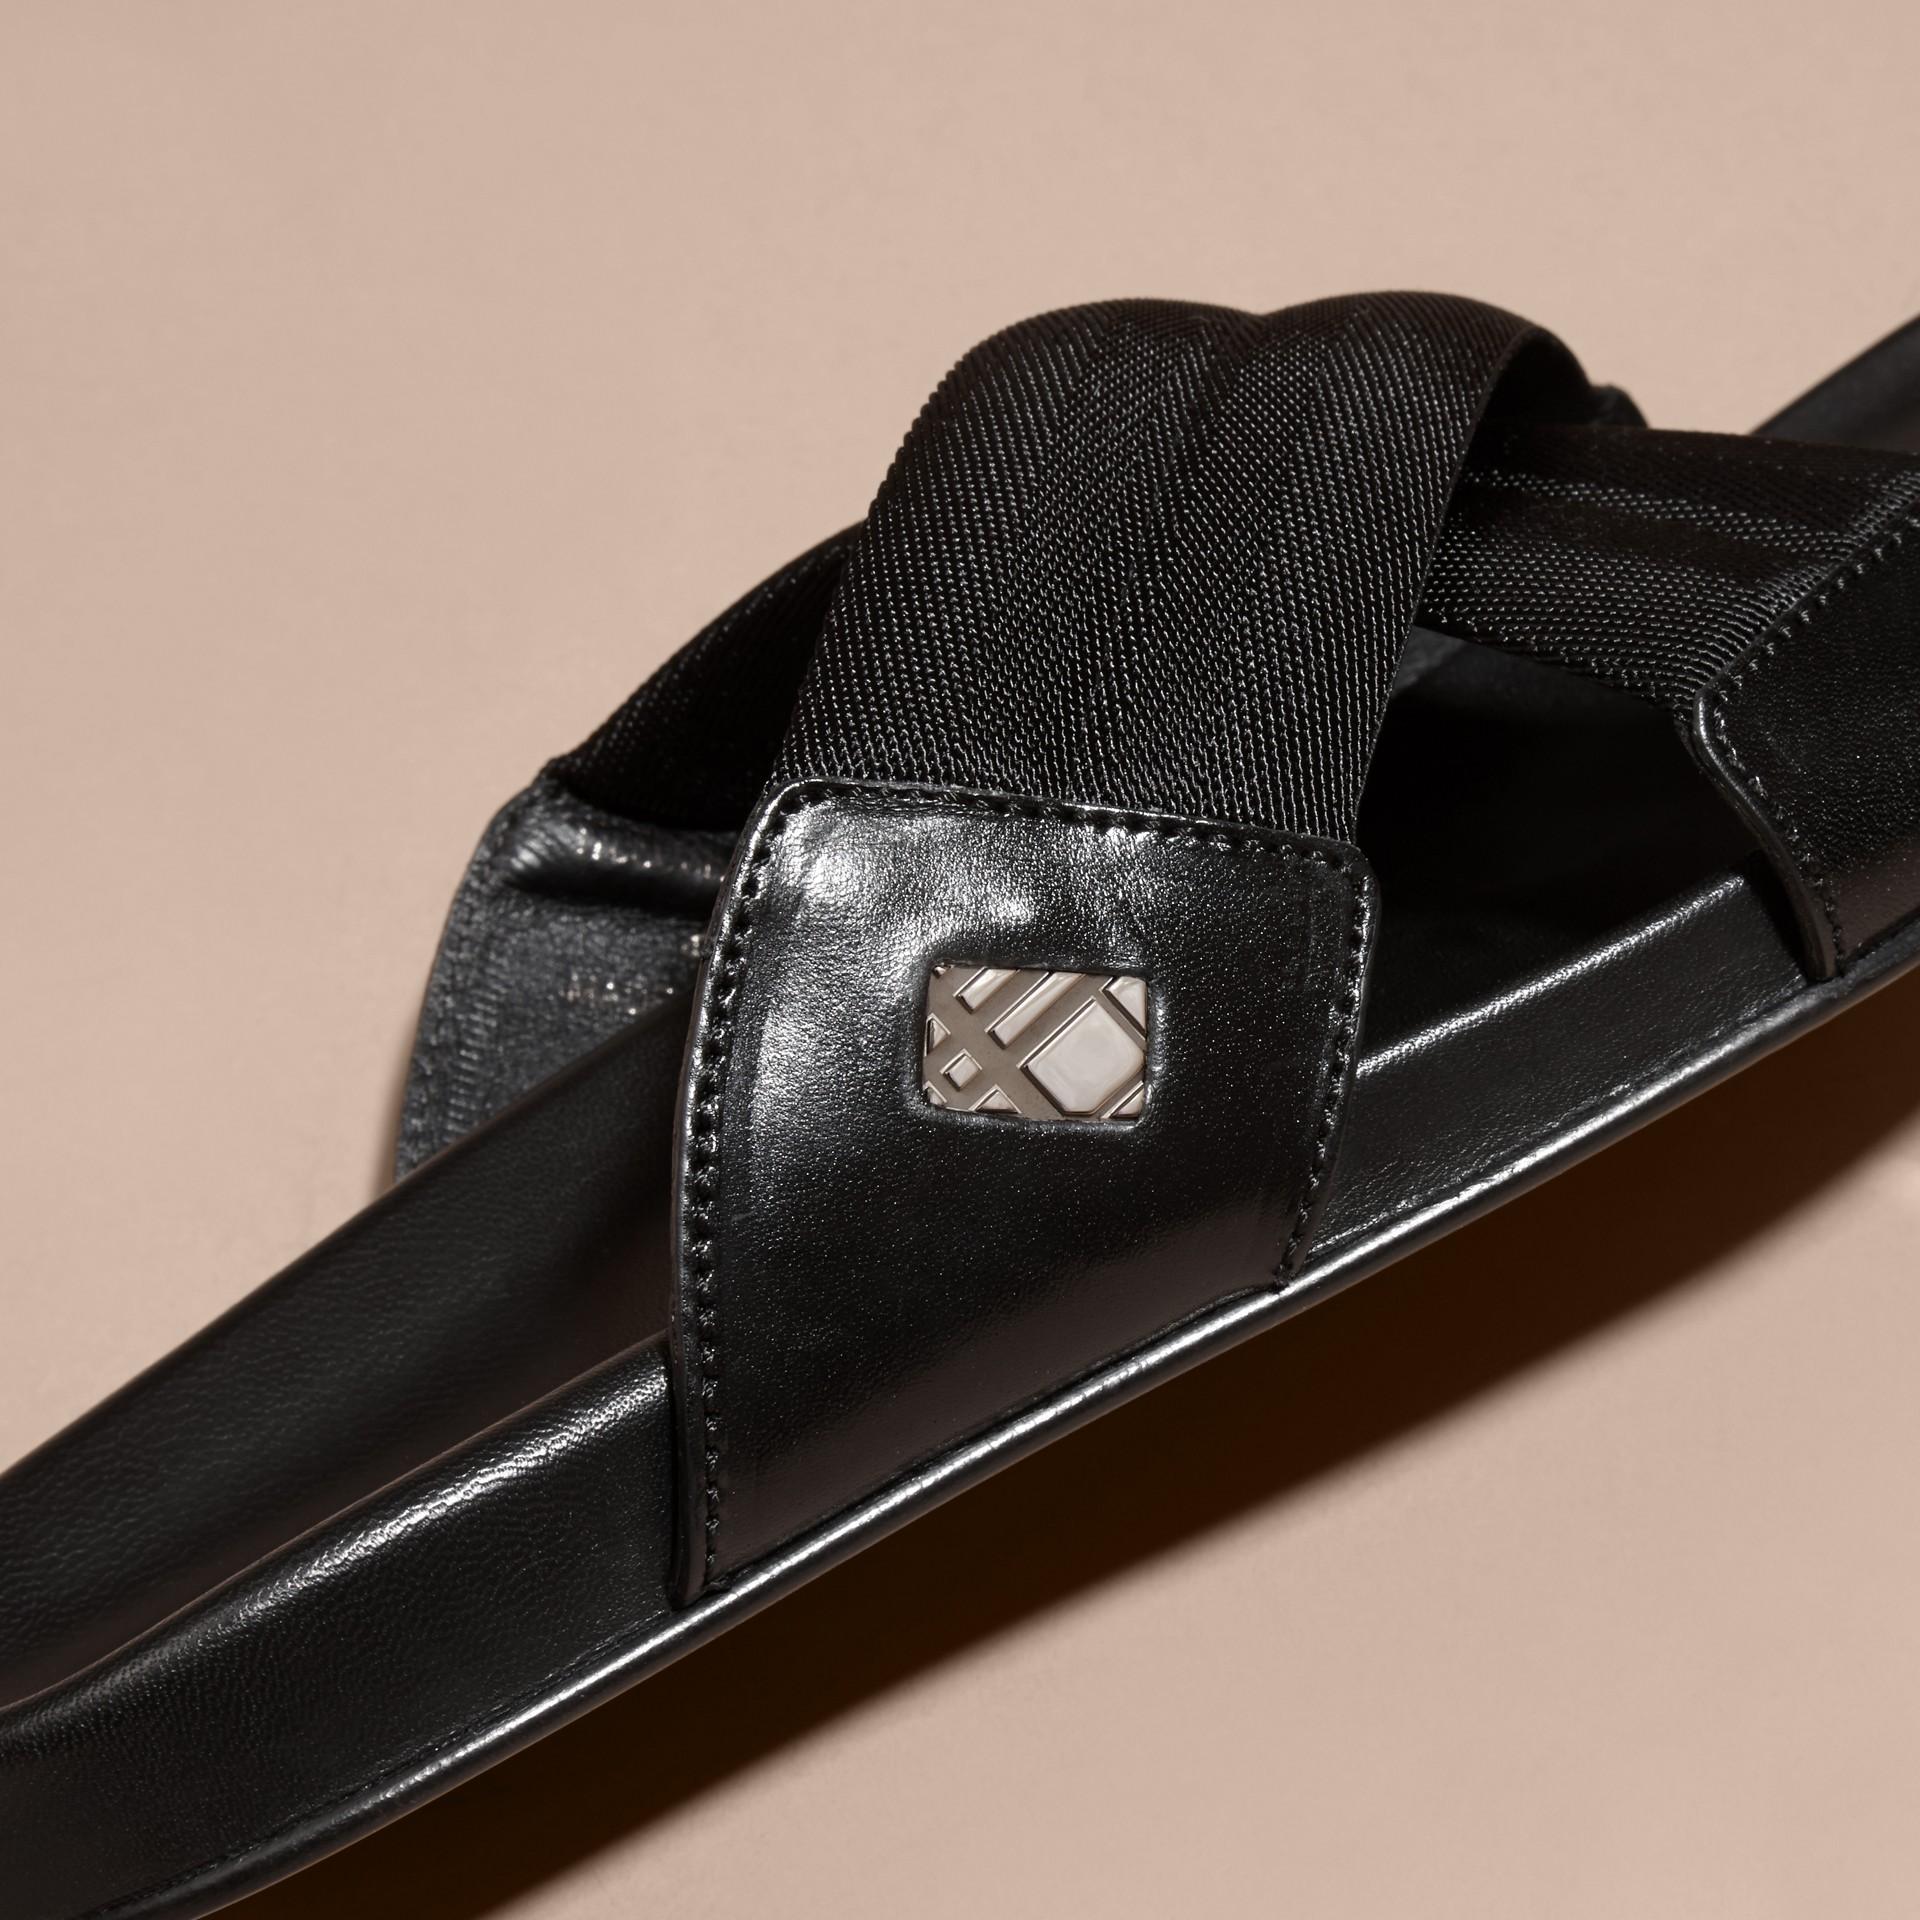 Nero Sandali in pelle e nastro tecnico con dettaglio check - immagine della galleria 2